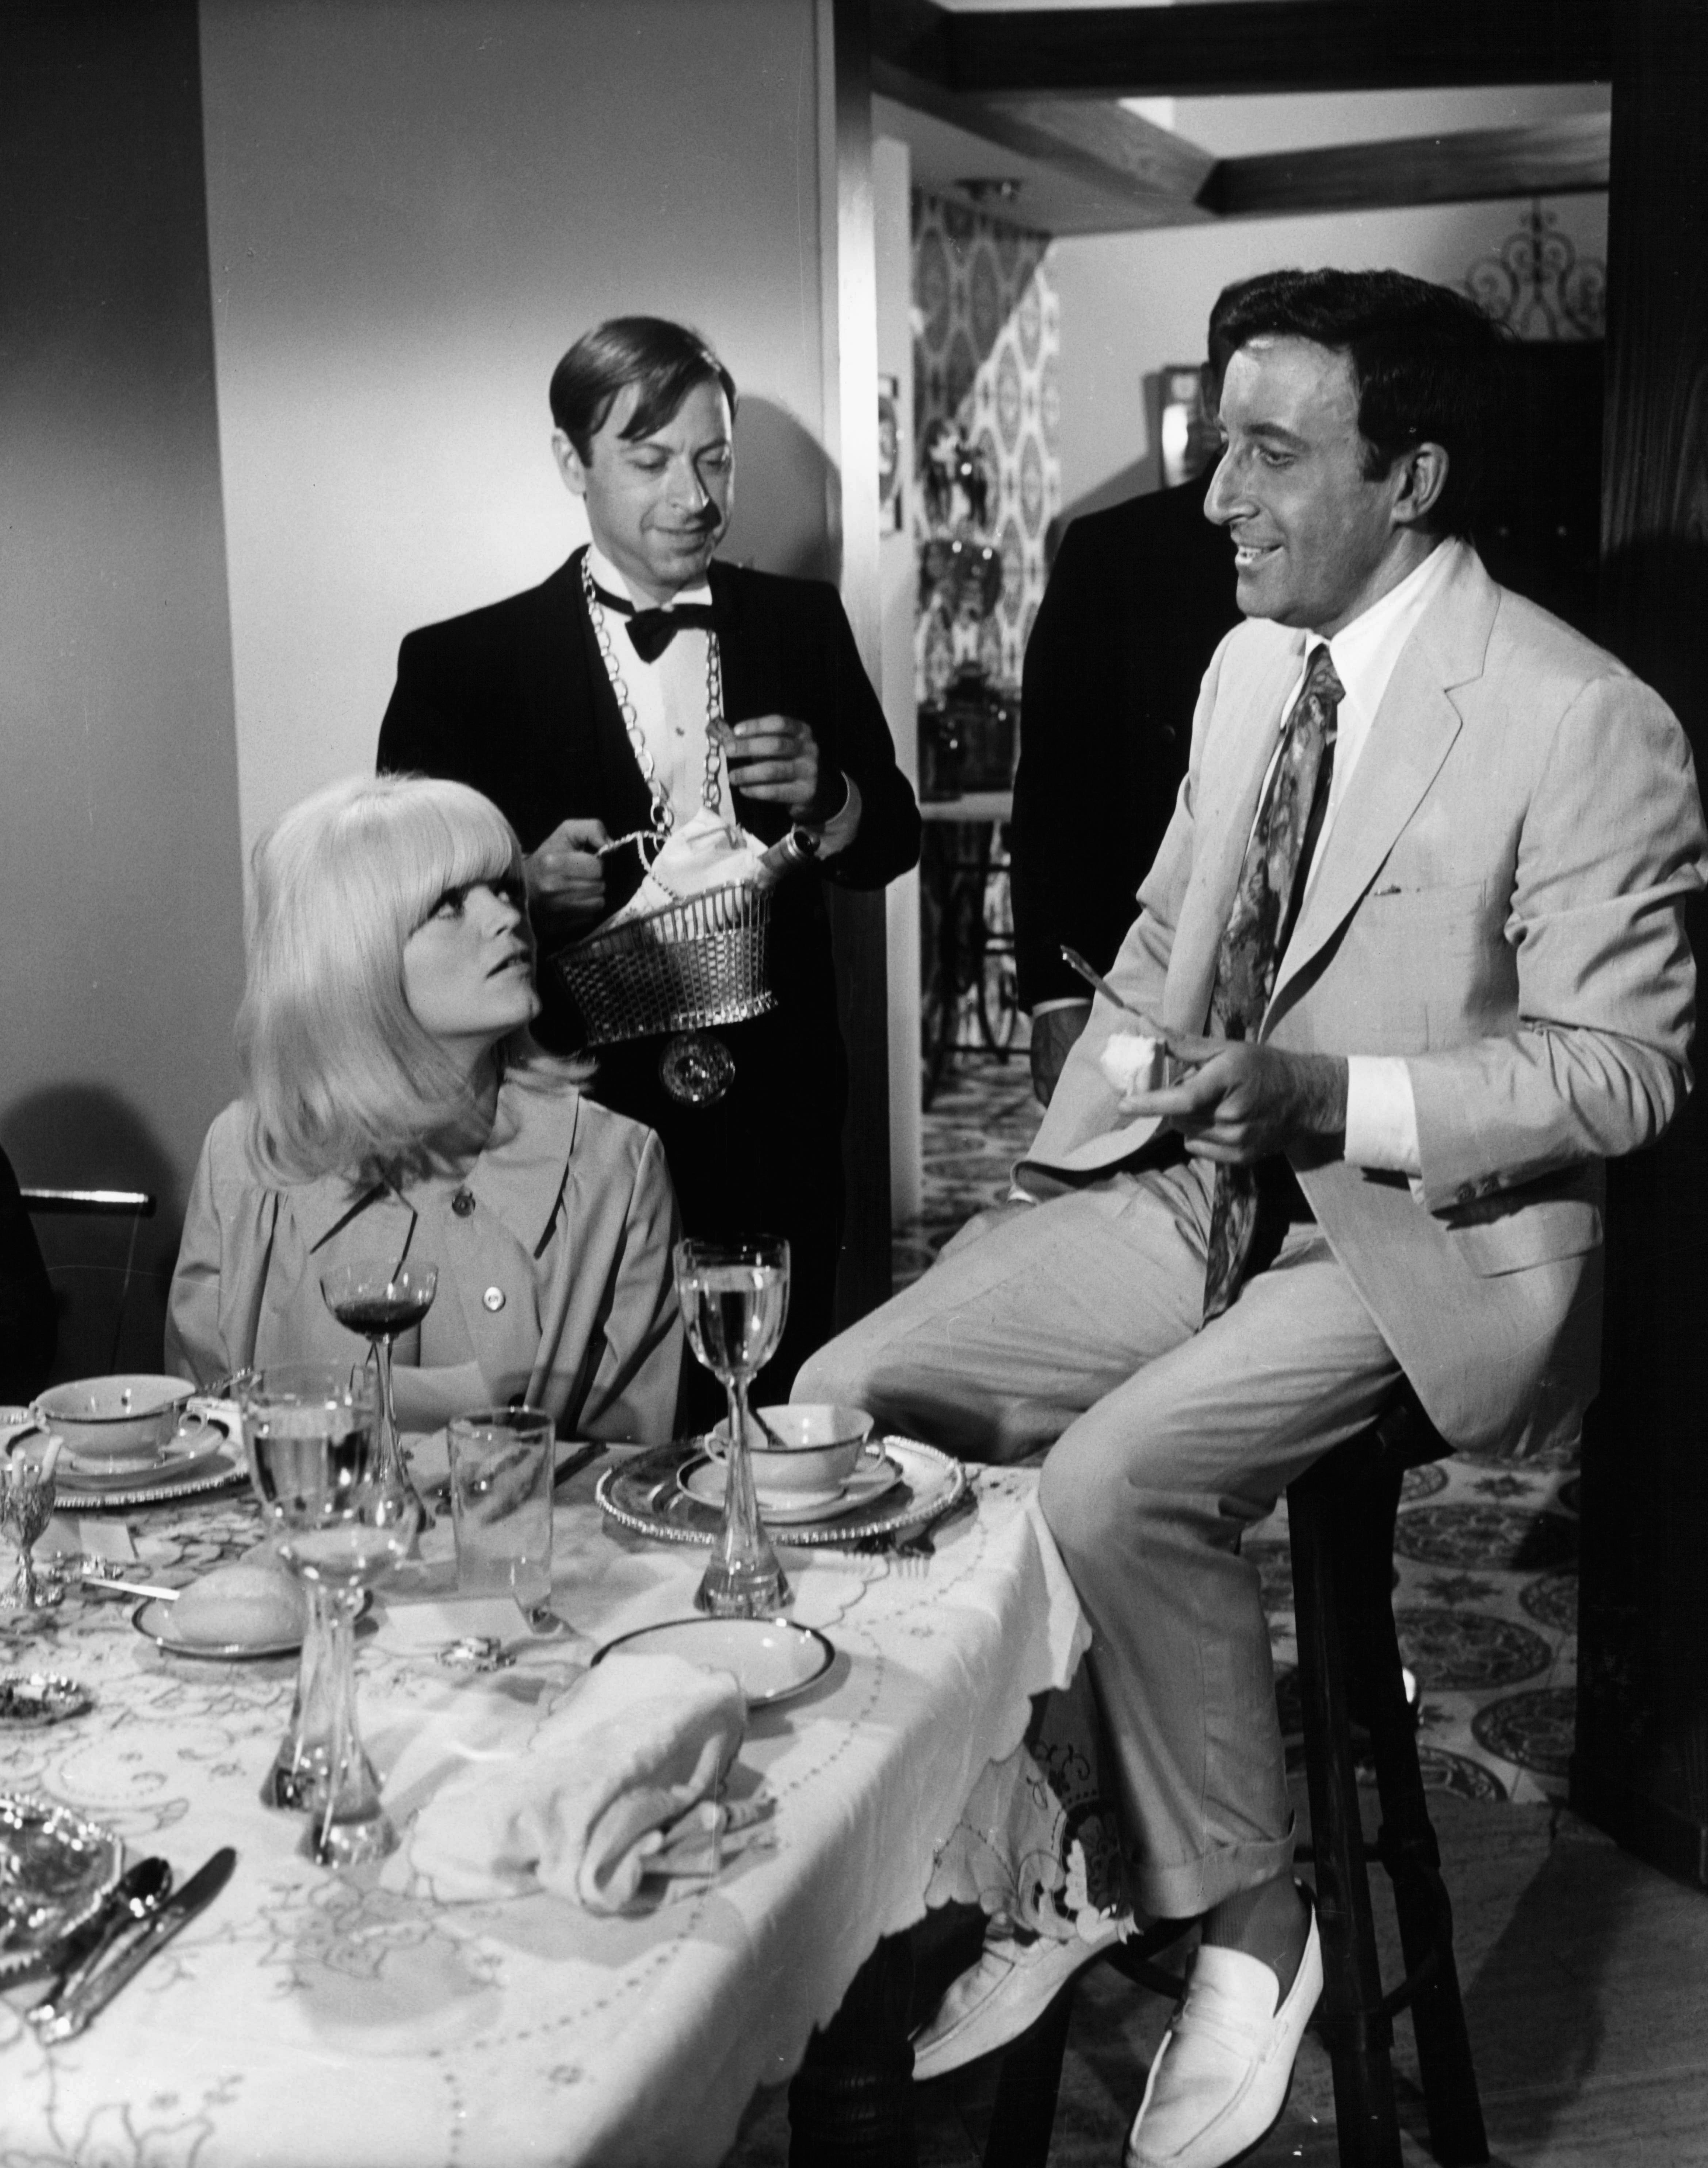 Peter Sellers, Steve Franken, and Carol Wayne in The Party (1968)